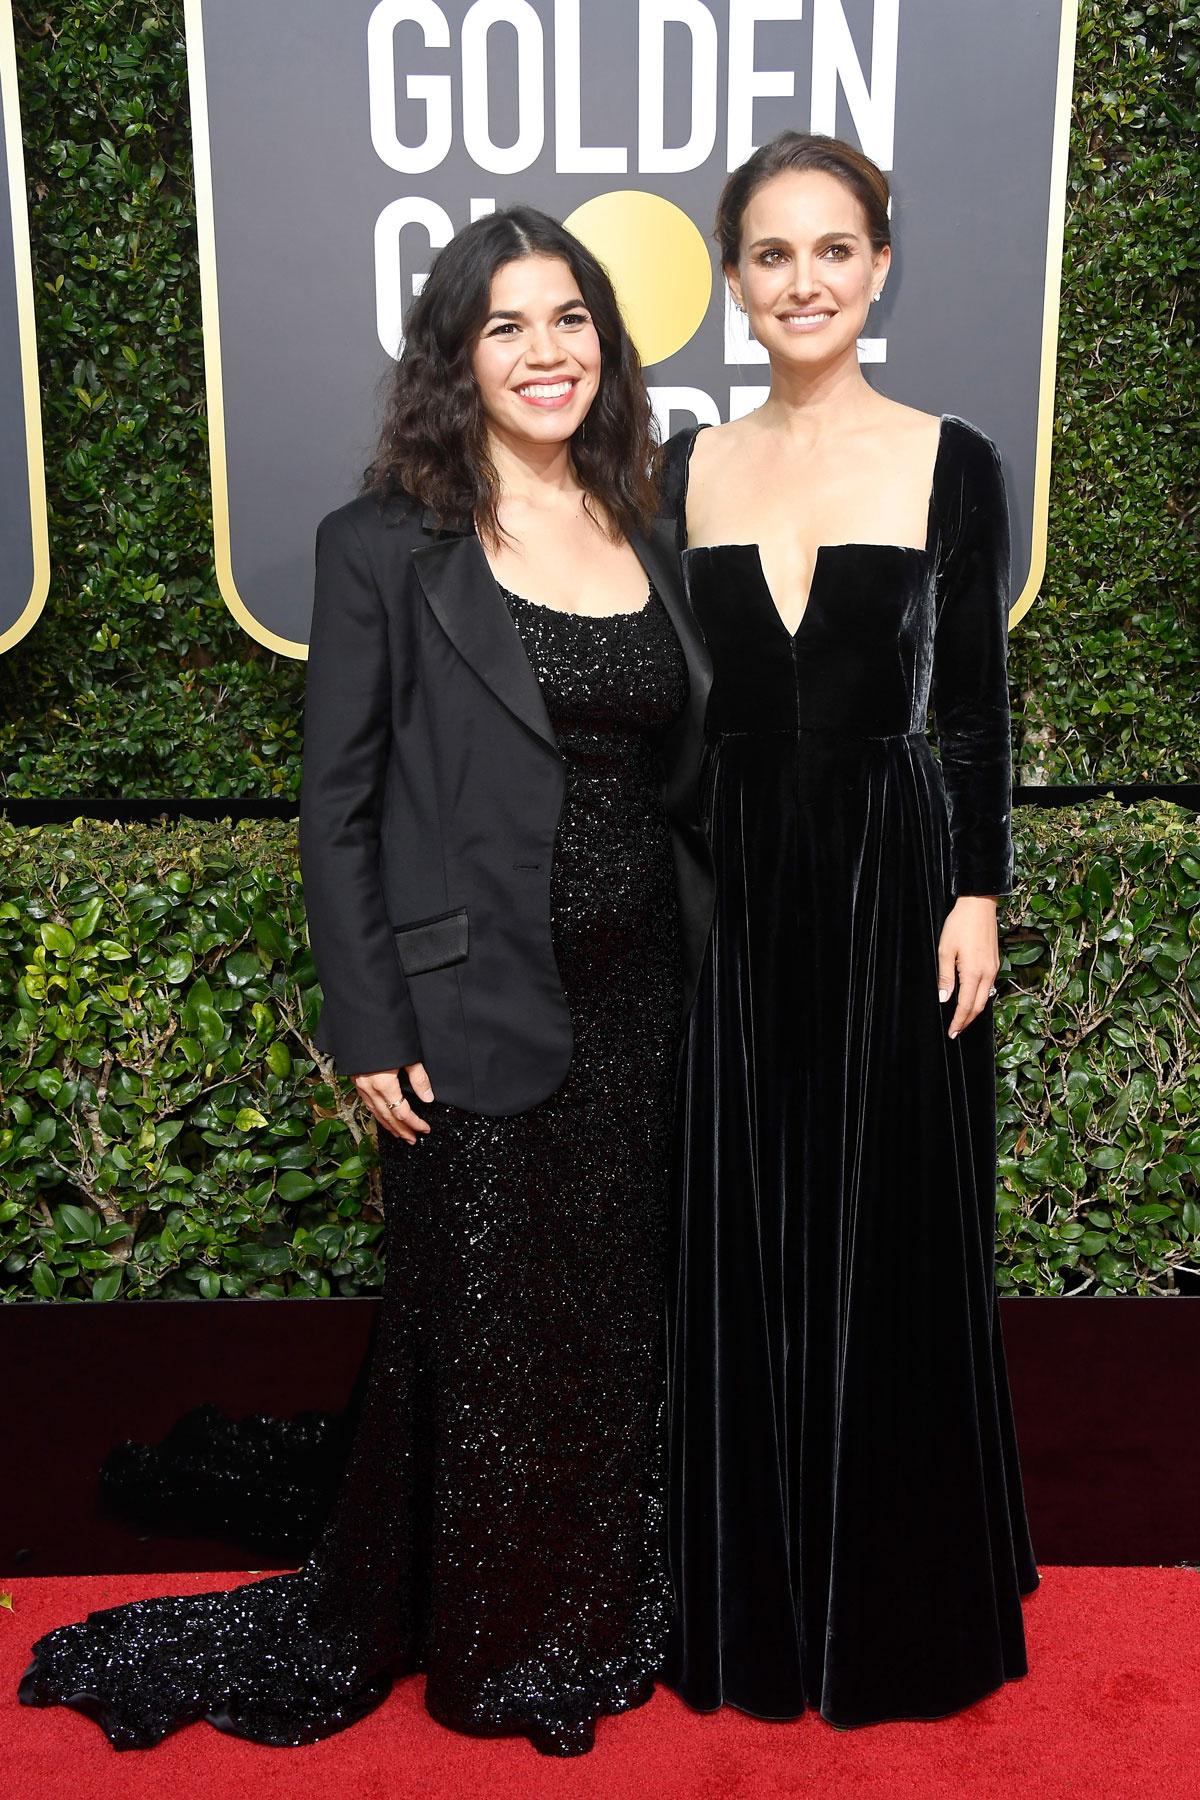 La subasta benéfica de los vestidos de Hollywood en favor de Time's Up - image globos_de_oro_2018_natalie_portman on https://www.vanidad.es